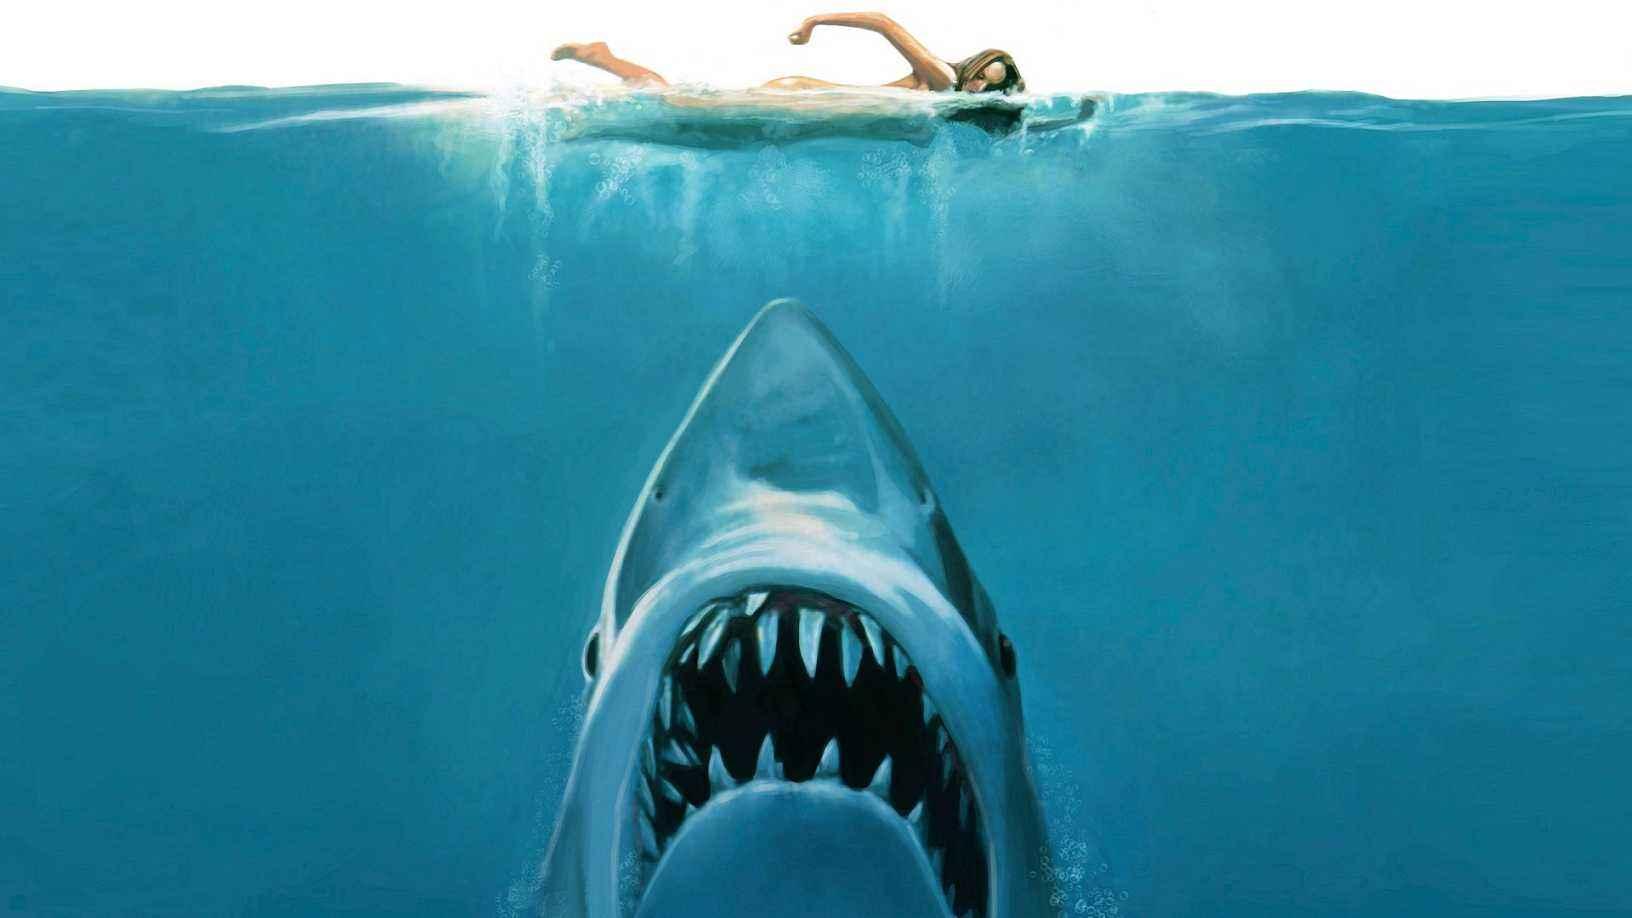 鲨鱼海洋电影_《巨齿鲨》打败《大白鲨》获鲨鱼电影全球最高票房记录,郭达 ...